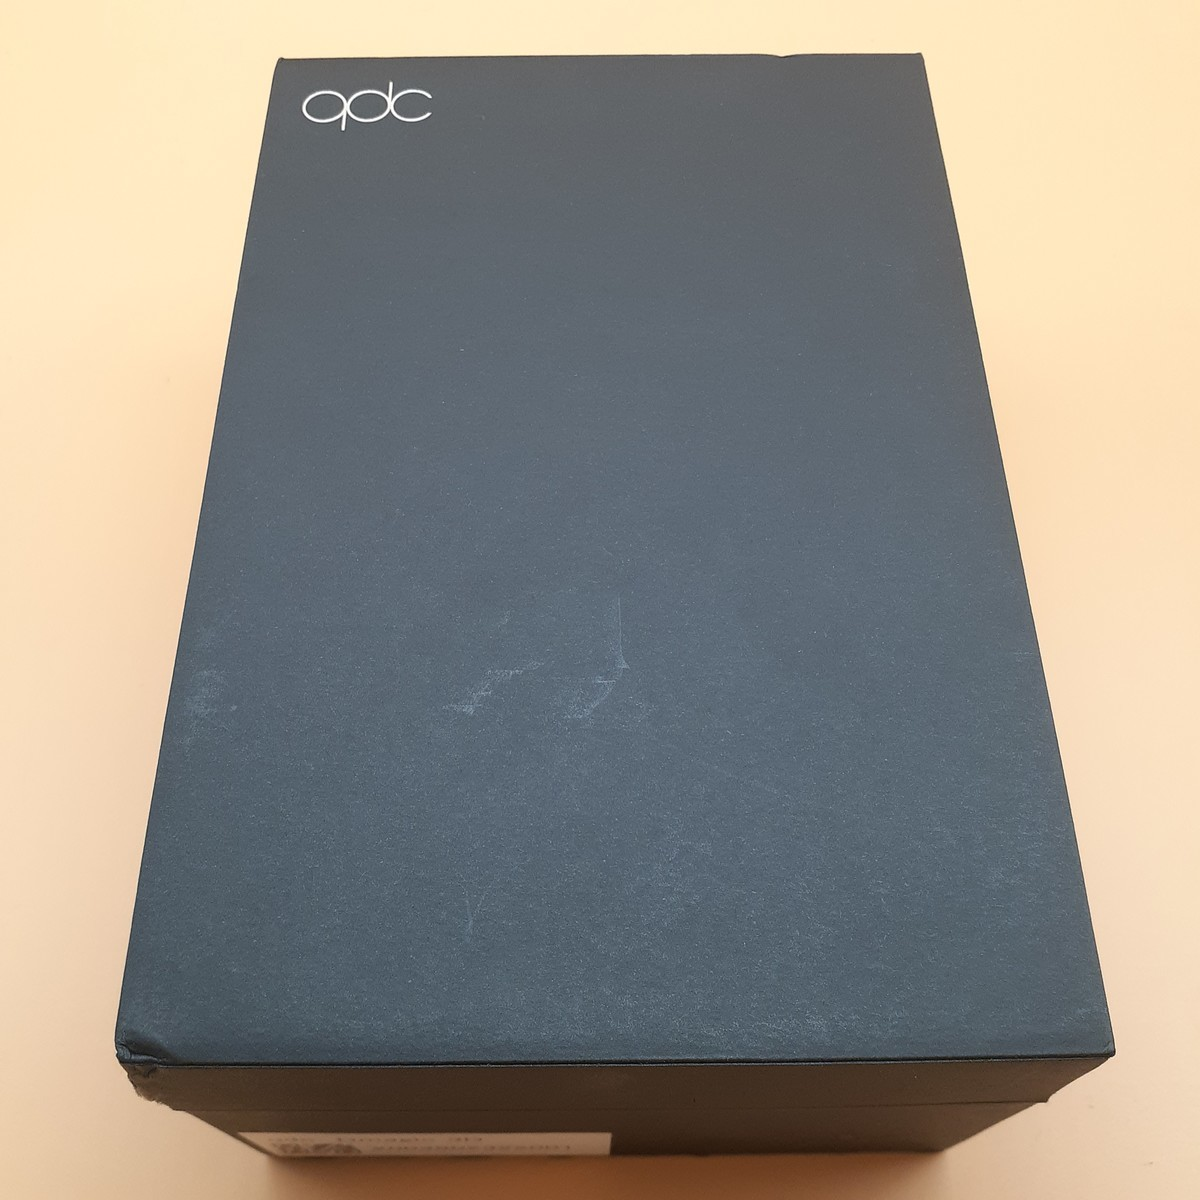 qdc Dmagic 3D